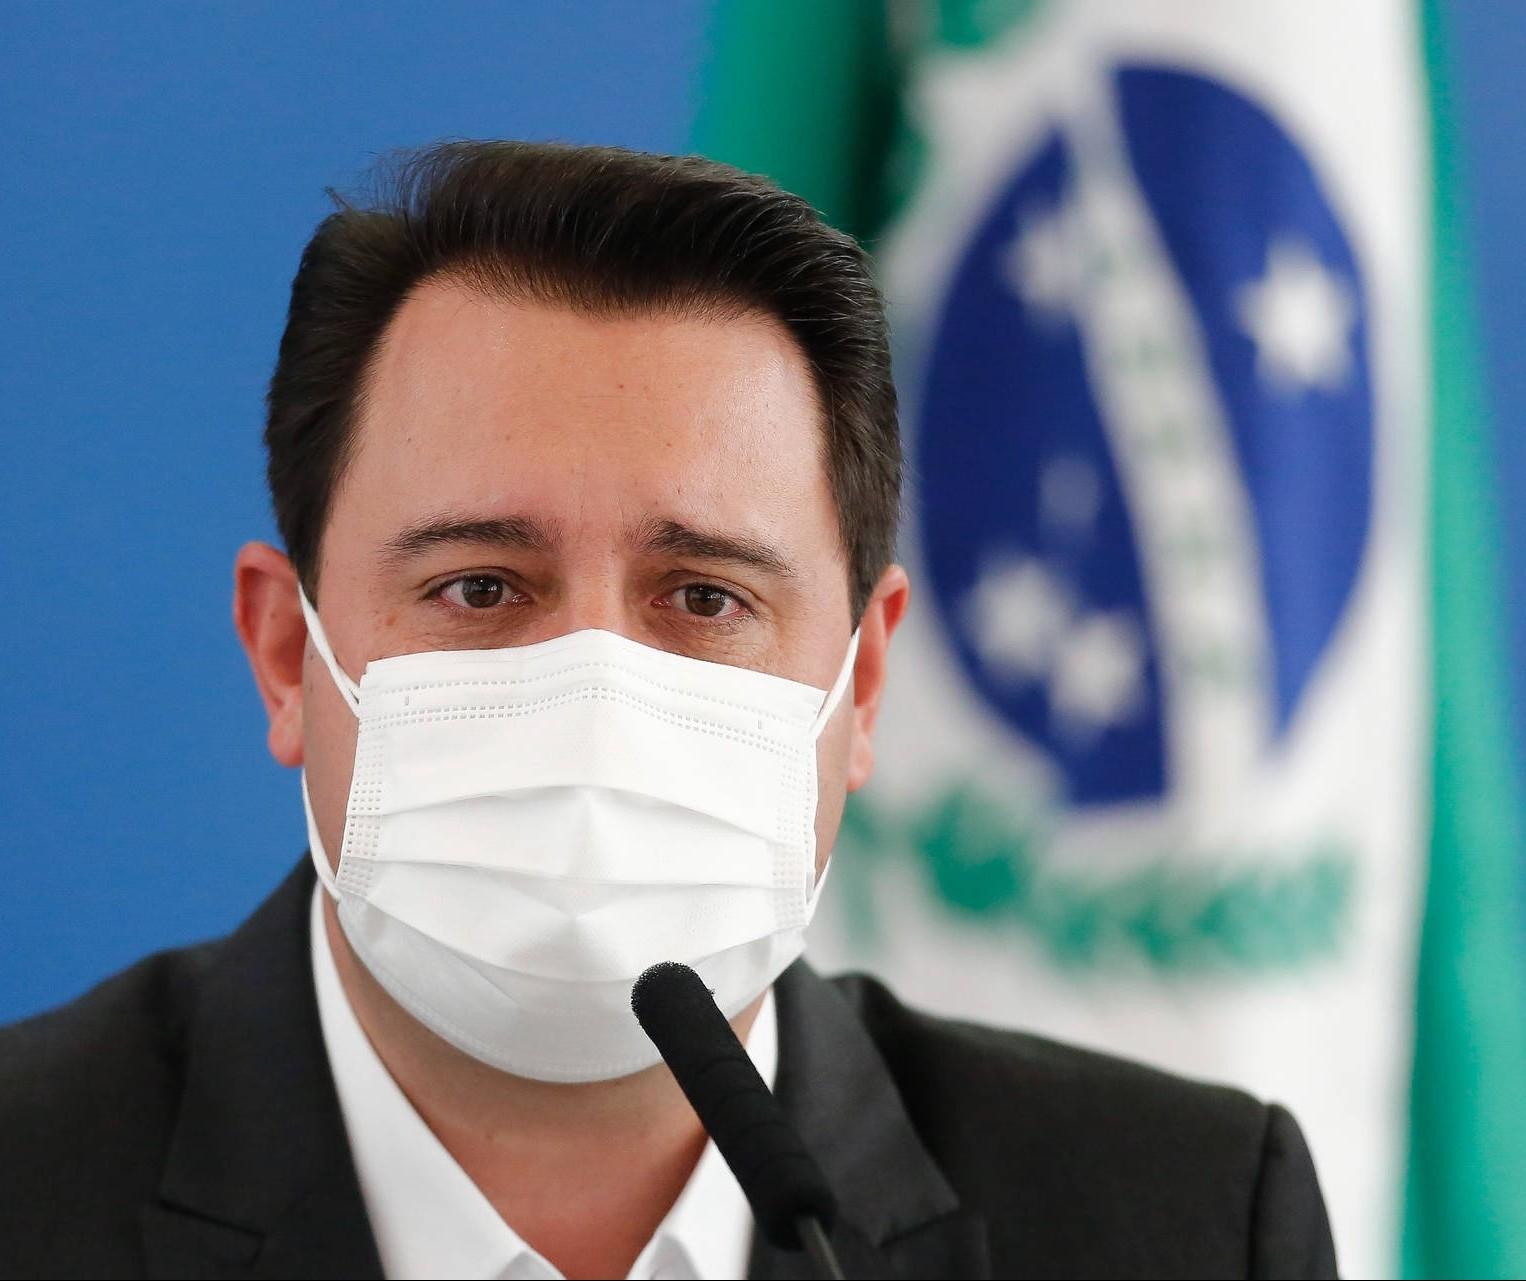 Governadores se reúnem em Brasília, participação de Ratinho Júnior não é certa